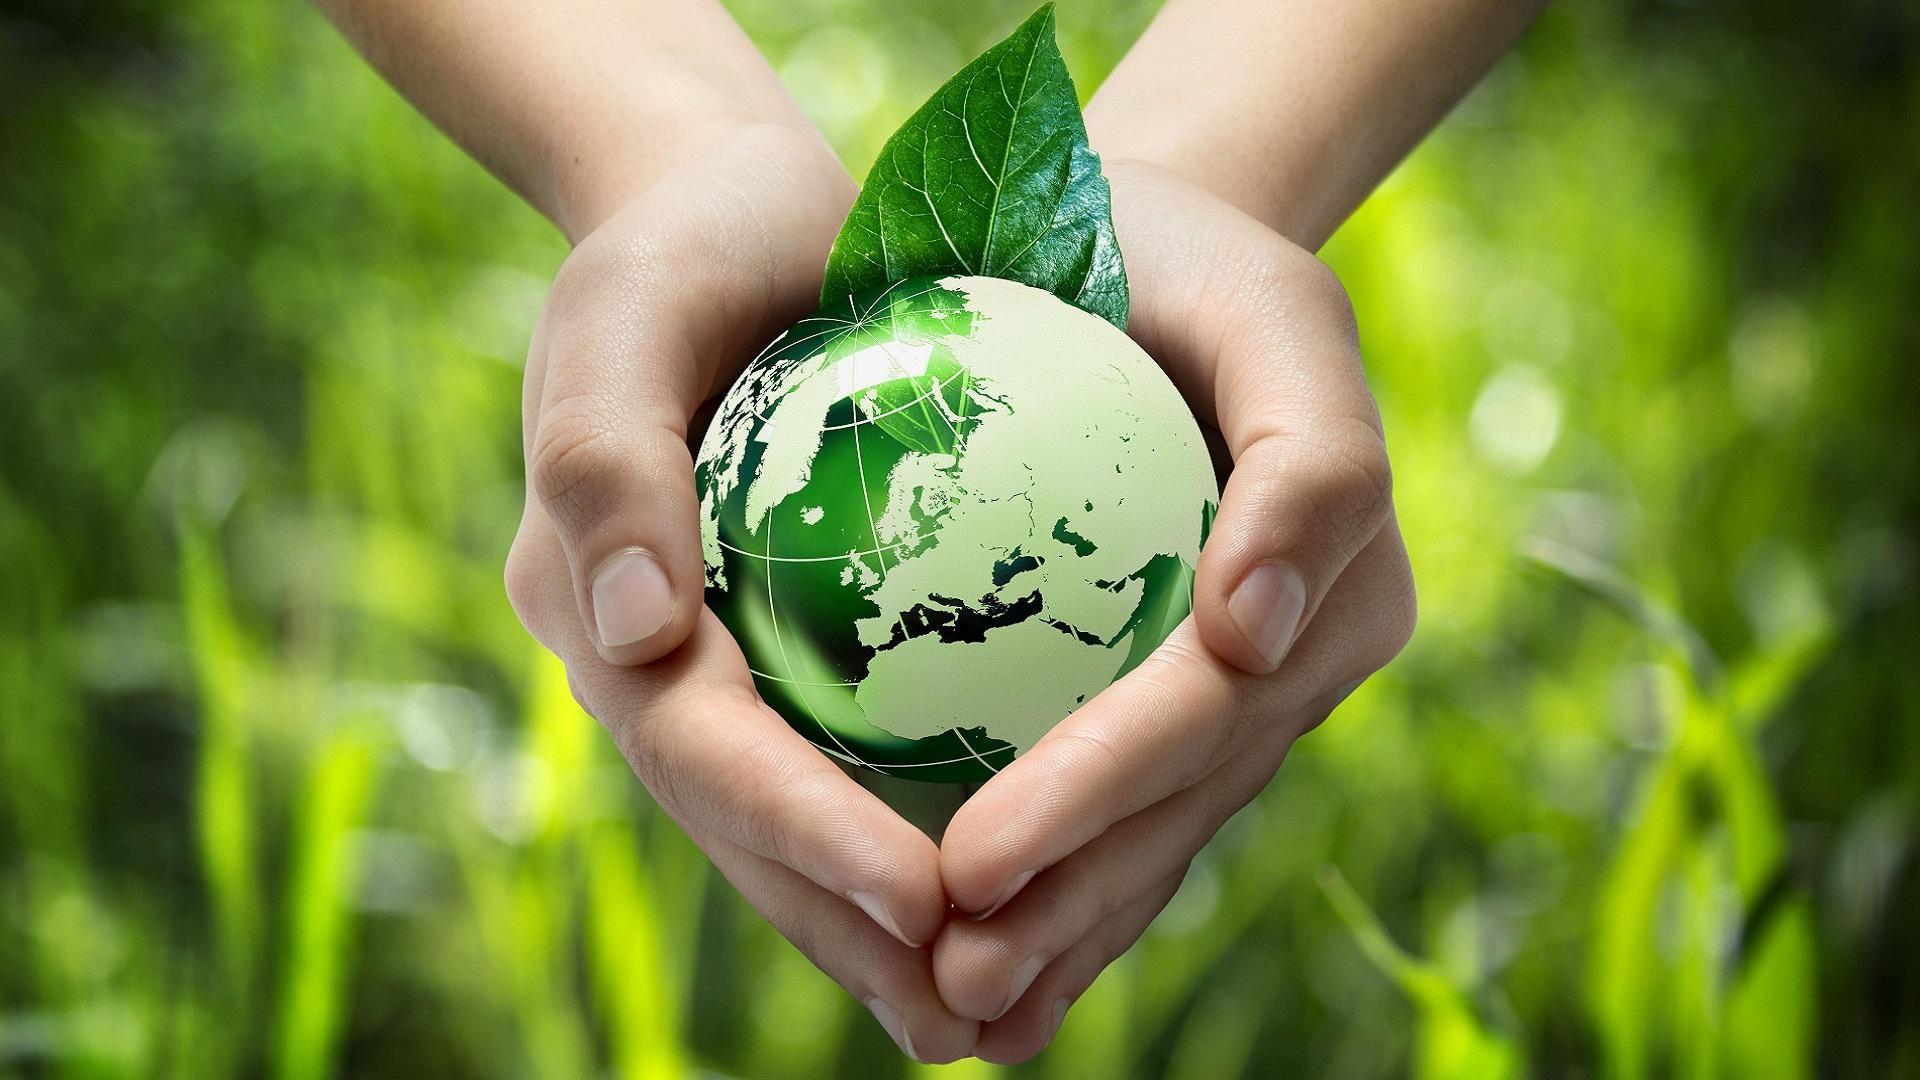 XIV Jornadas de Psicologia: Objetivos do Desenvolvimento Sustentável e Agenda 2030